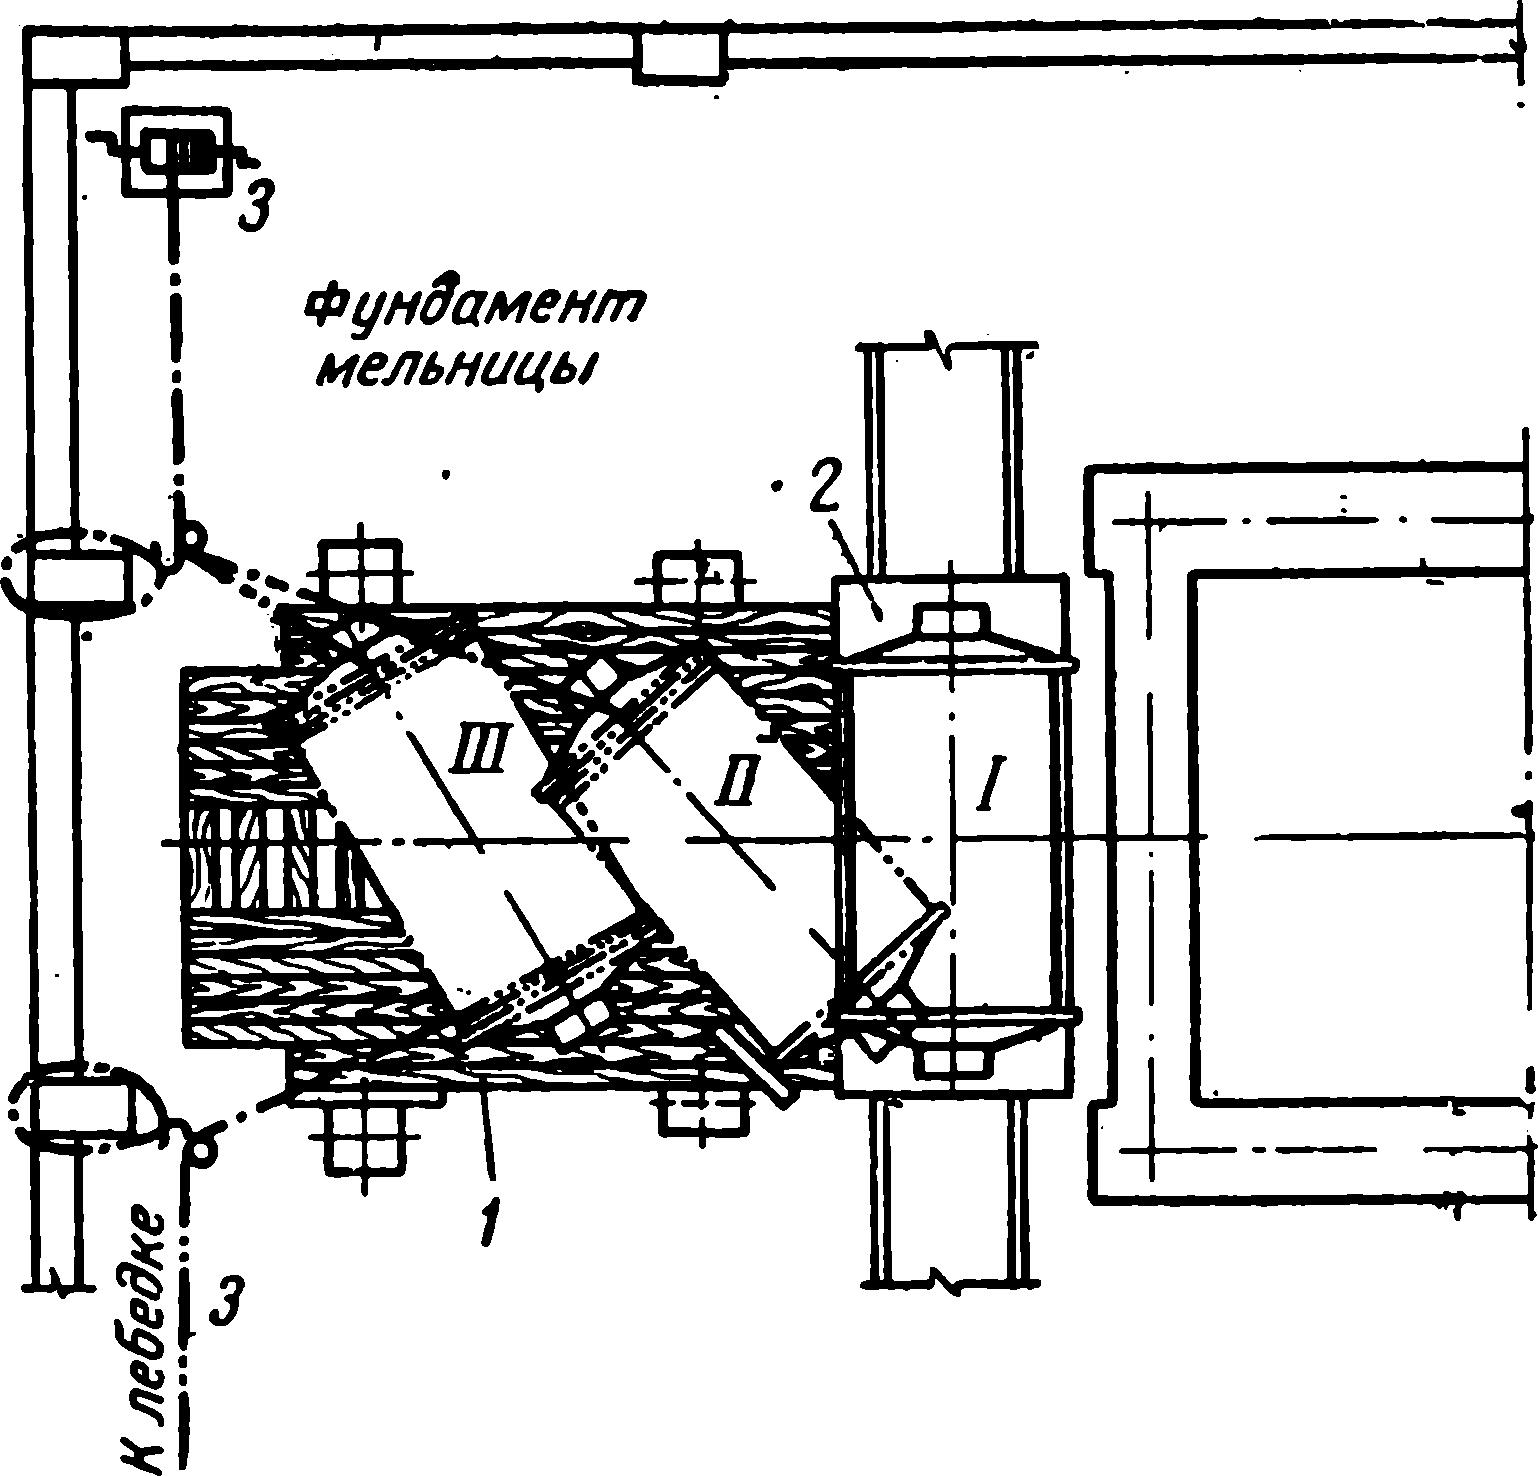 Инструкция по эксплуатации шаровой мельницы